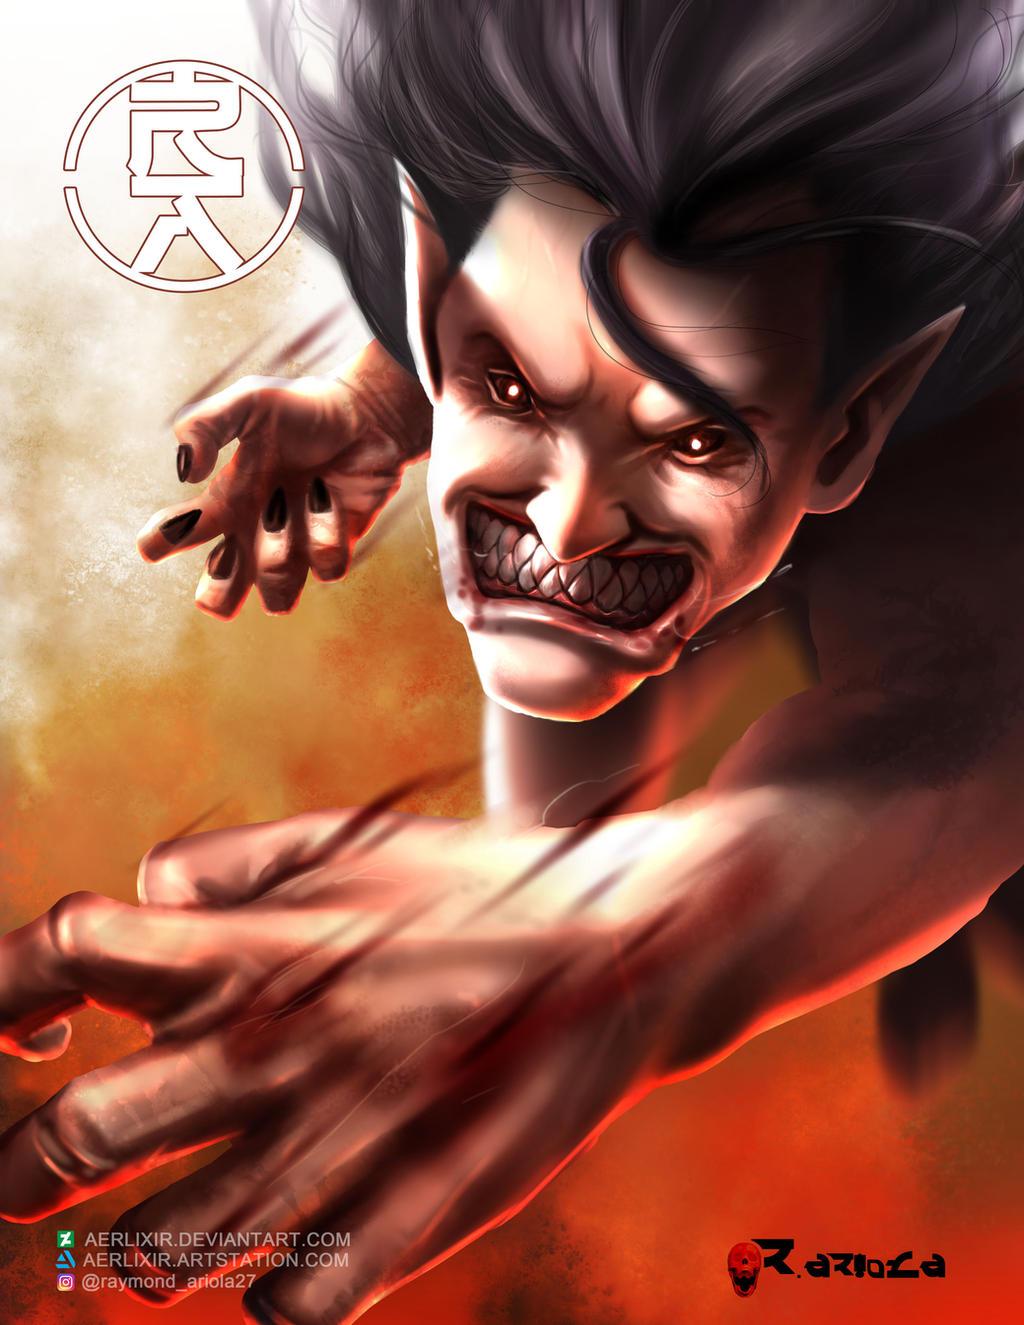 Ymir in titan form by aerlixir on DeviantArt